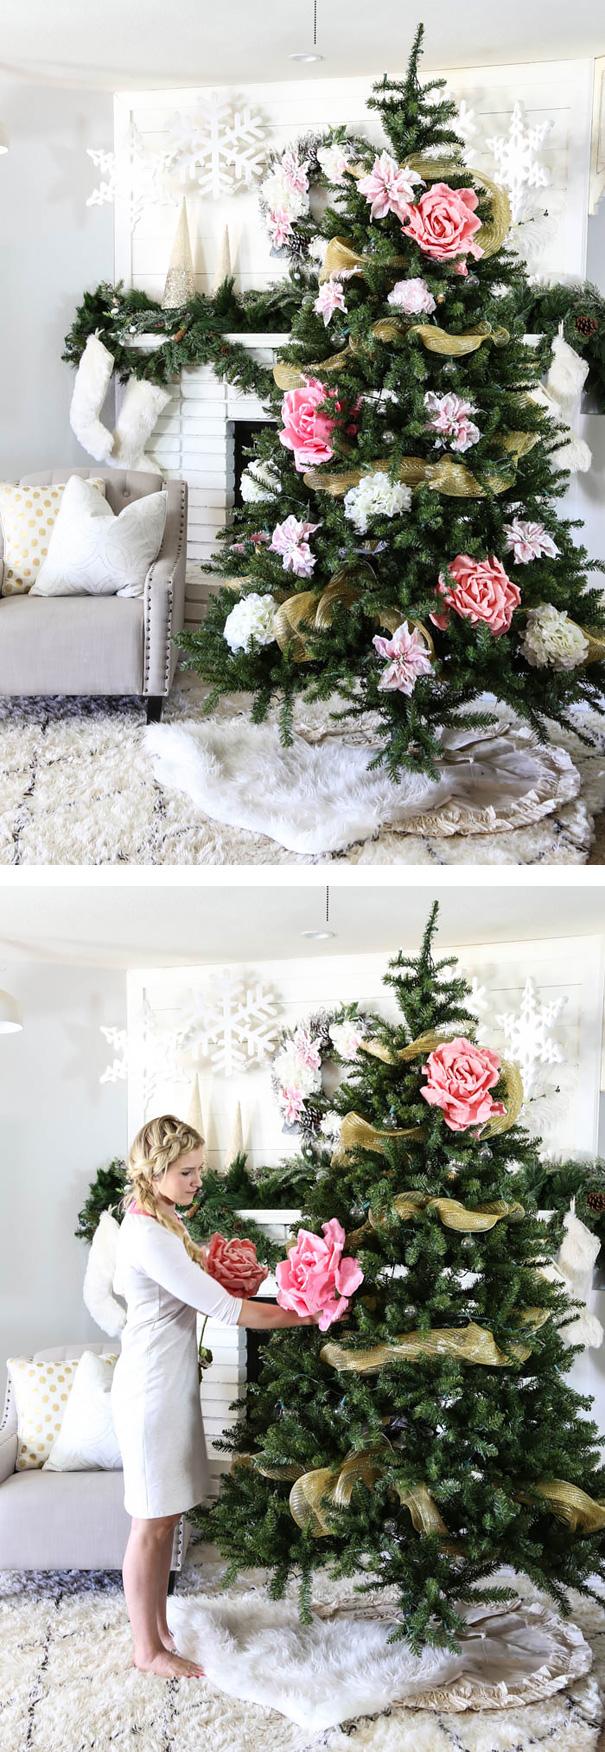 arbolito de navidad con decoración floral